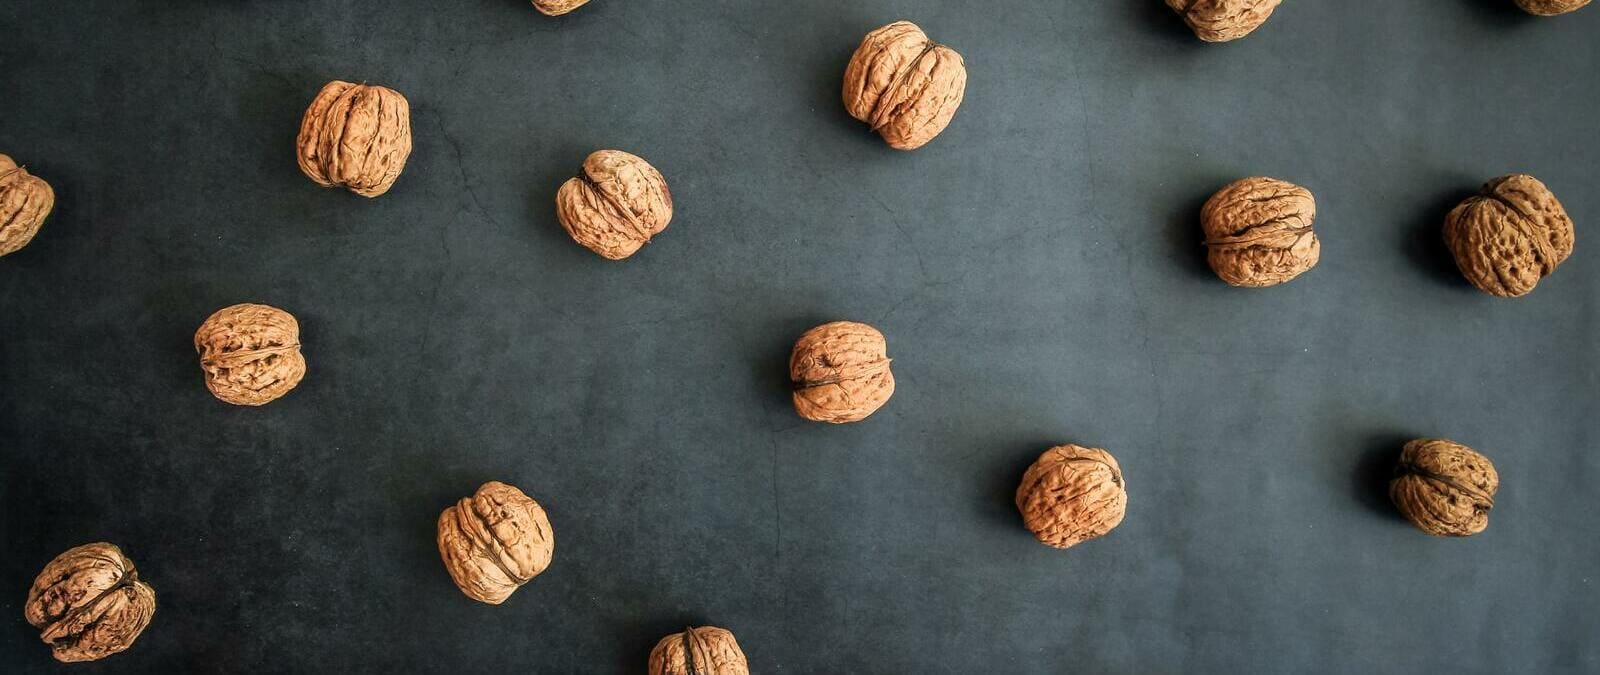 Nueces, castañas y almendras: bulos y mitos sobre frutos secos que hemos aclarado en Maldita Ciencia - Maldita.es